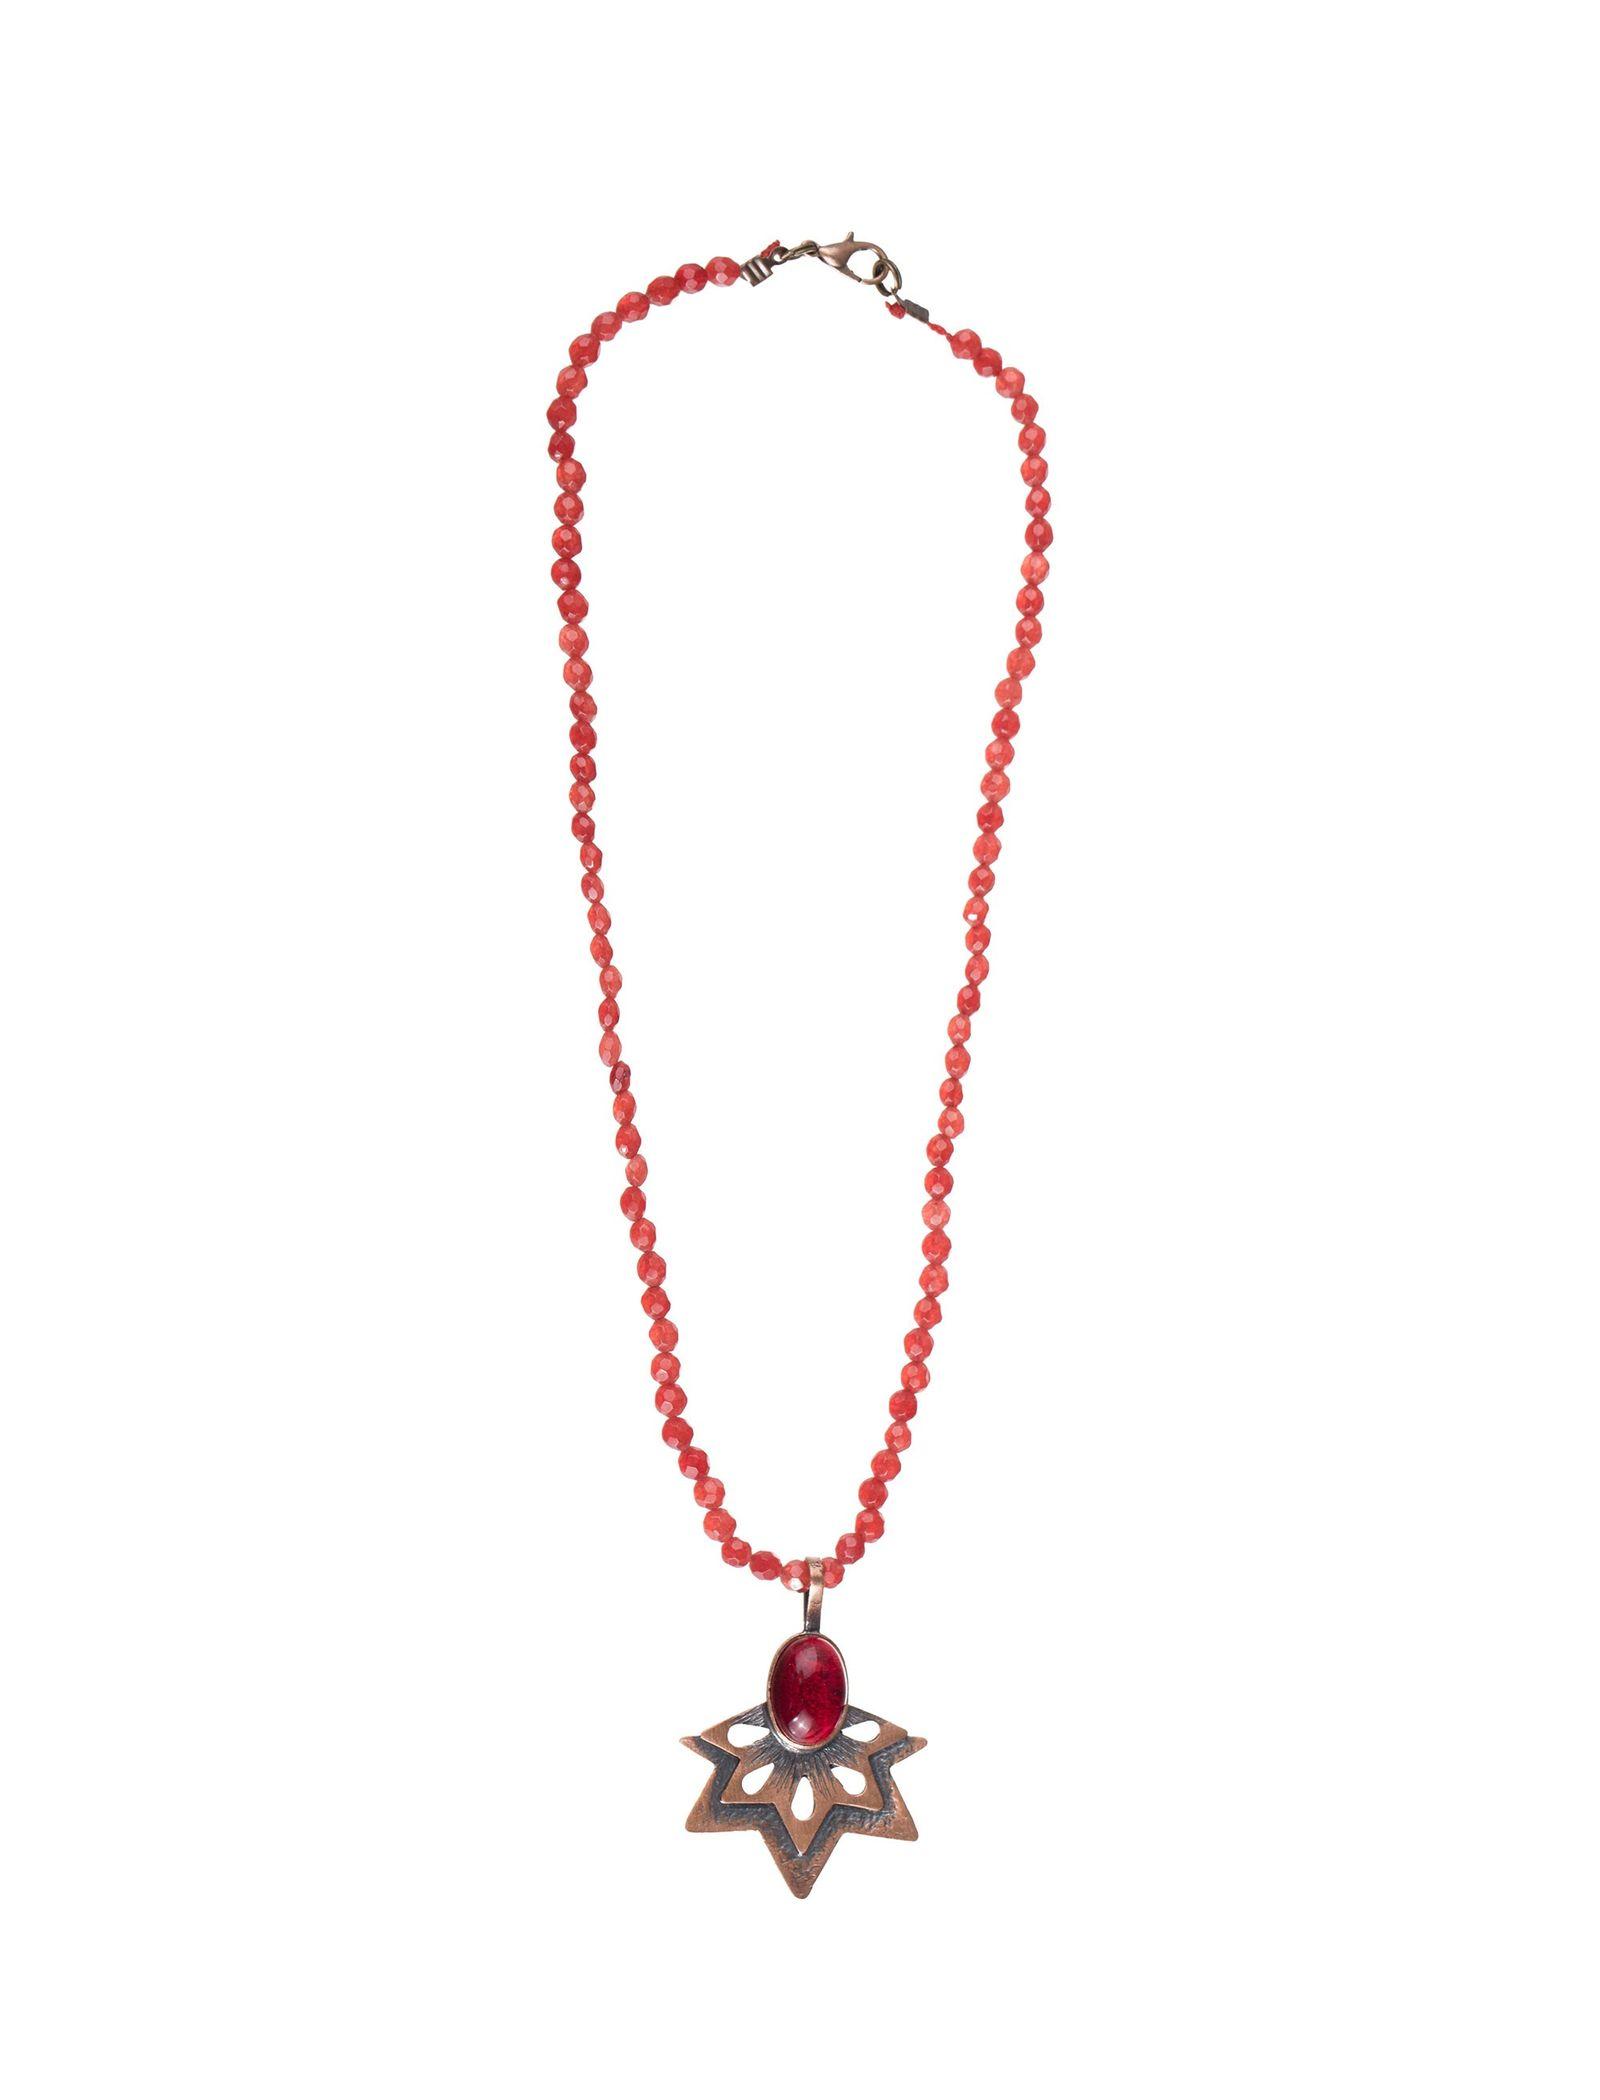 گردنبند آویز زنانه - زرمس تک سایز - قرمز - 1